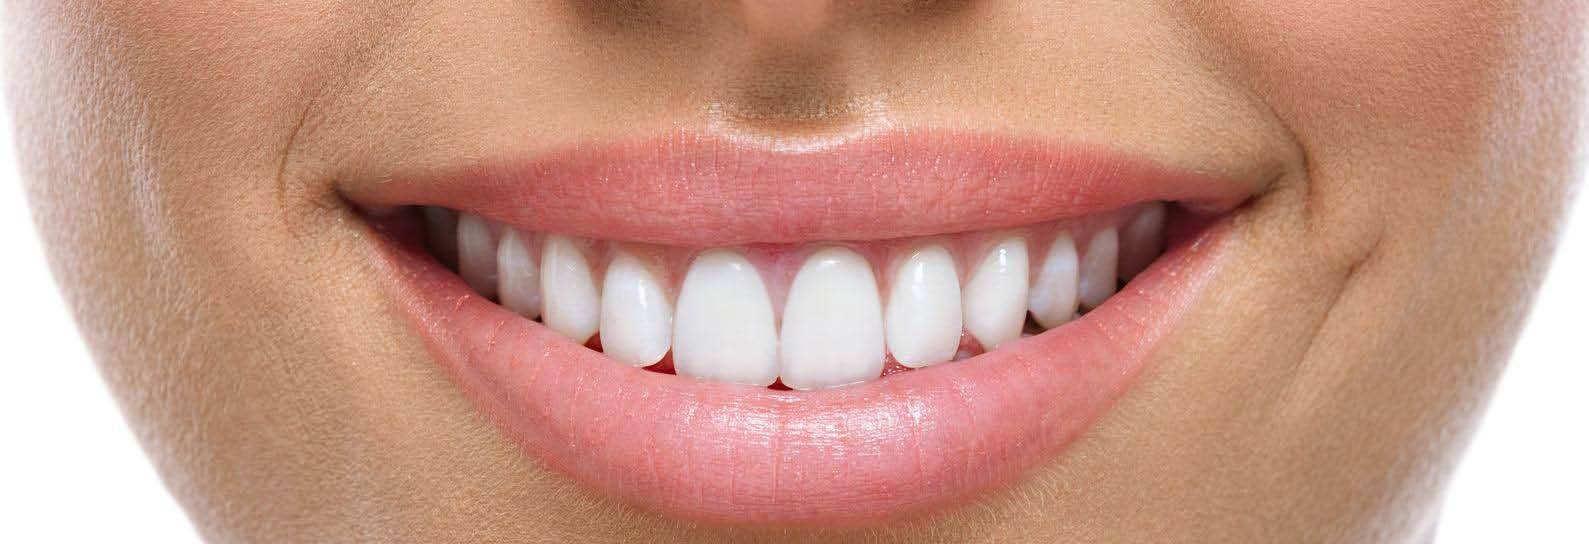 دندانپزشک زیبایی اصفهان